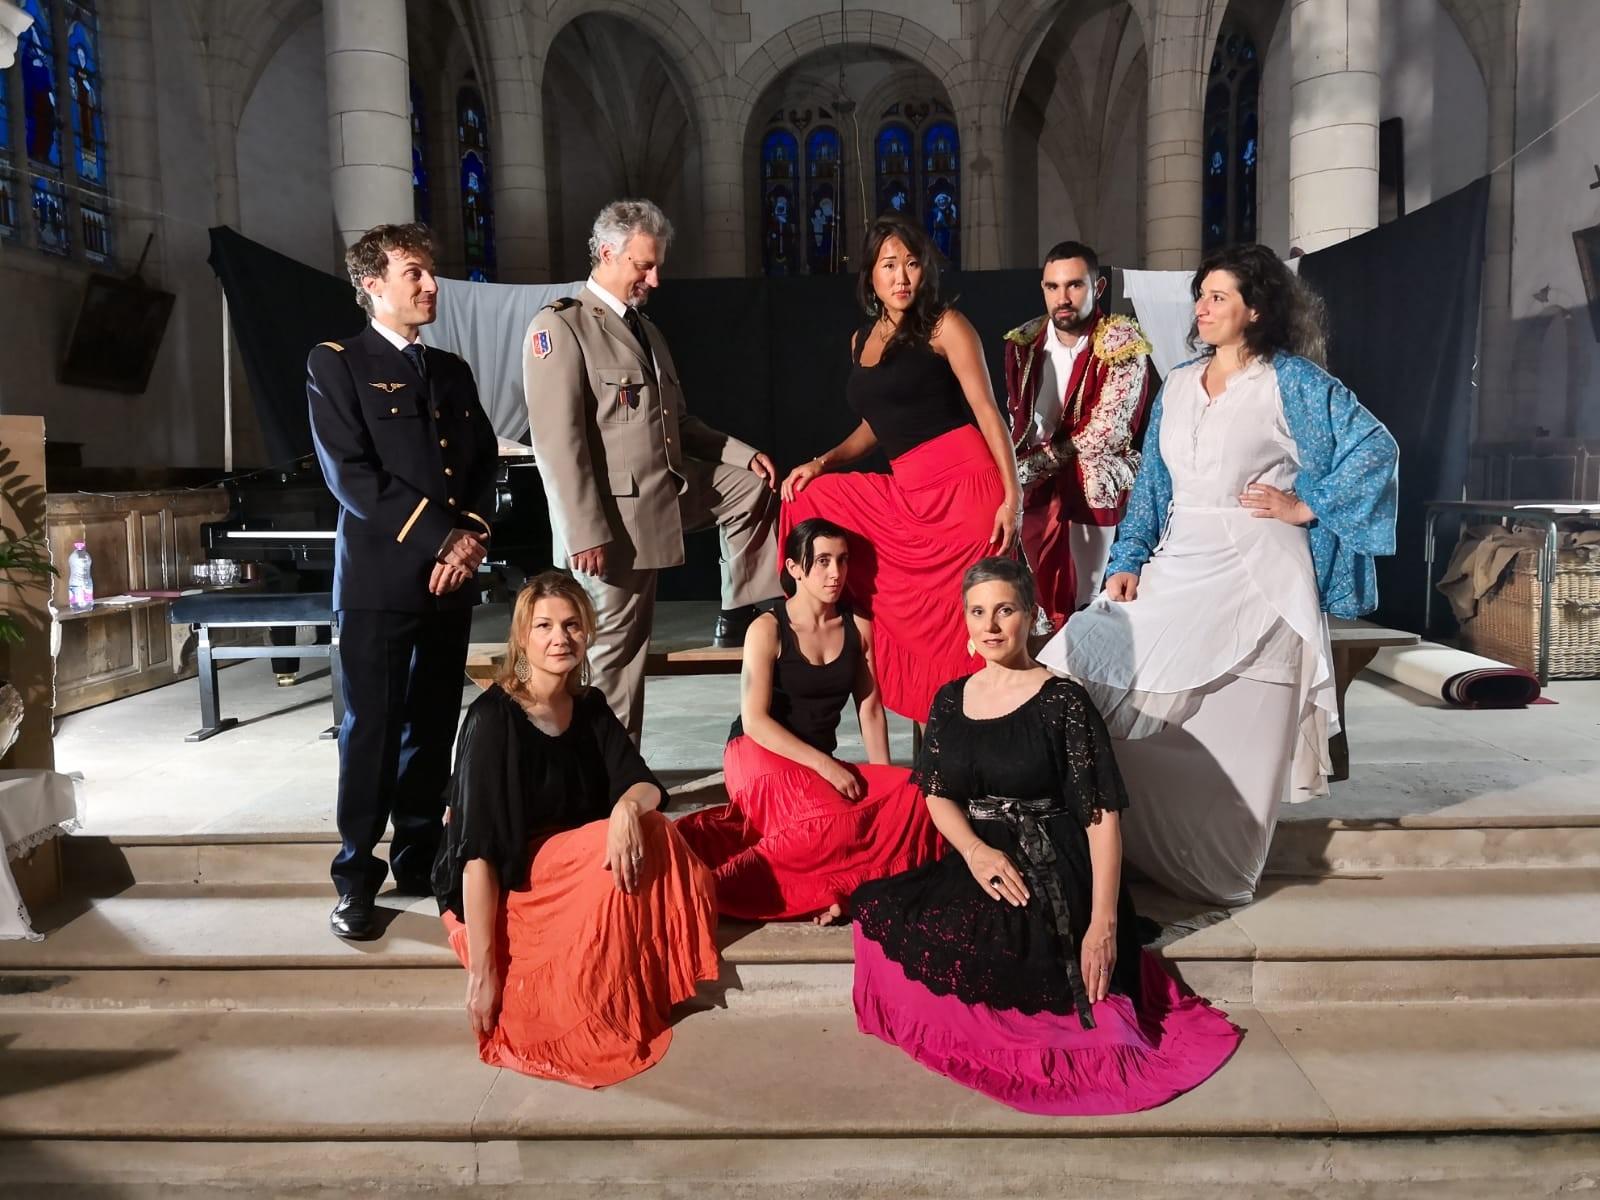 Carmen - Semaine Musicale de Joux-la-Ville